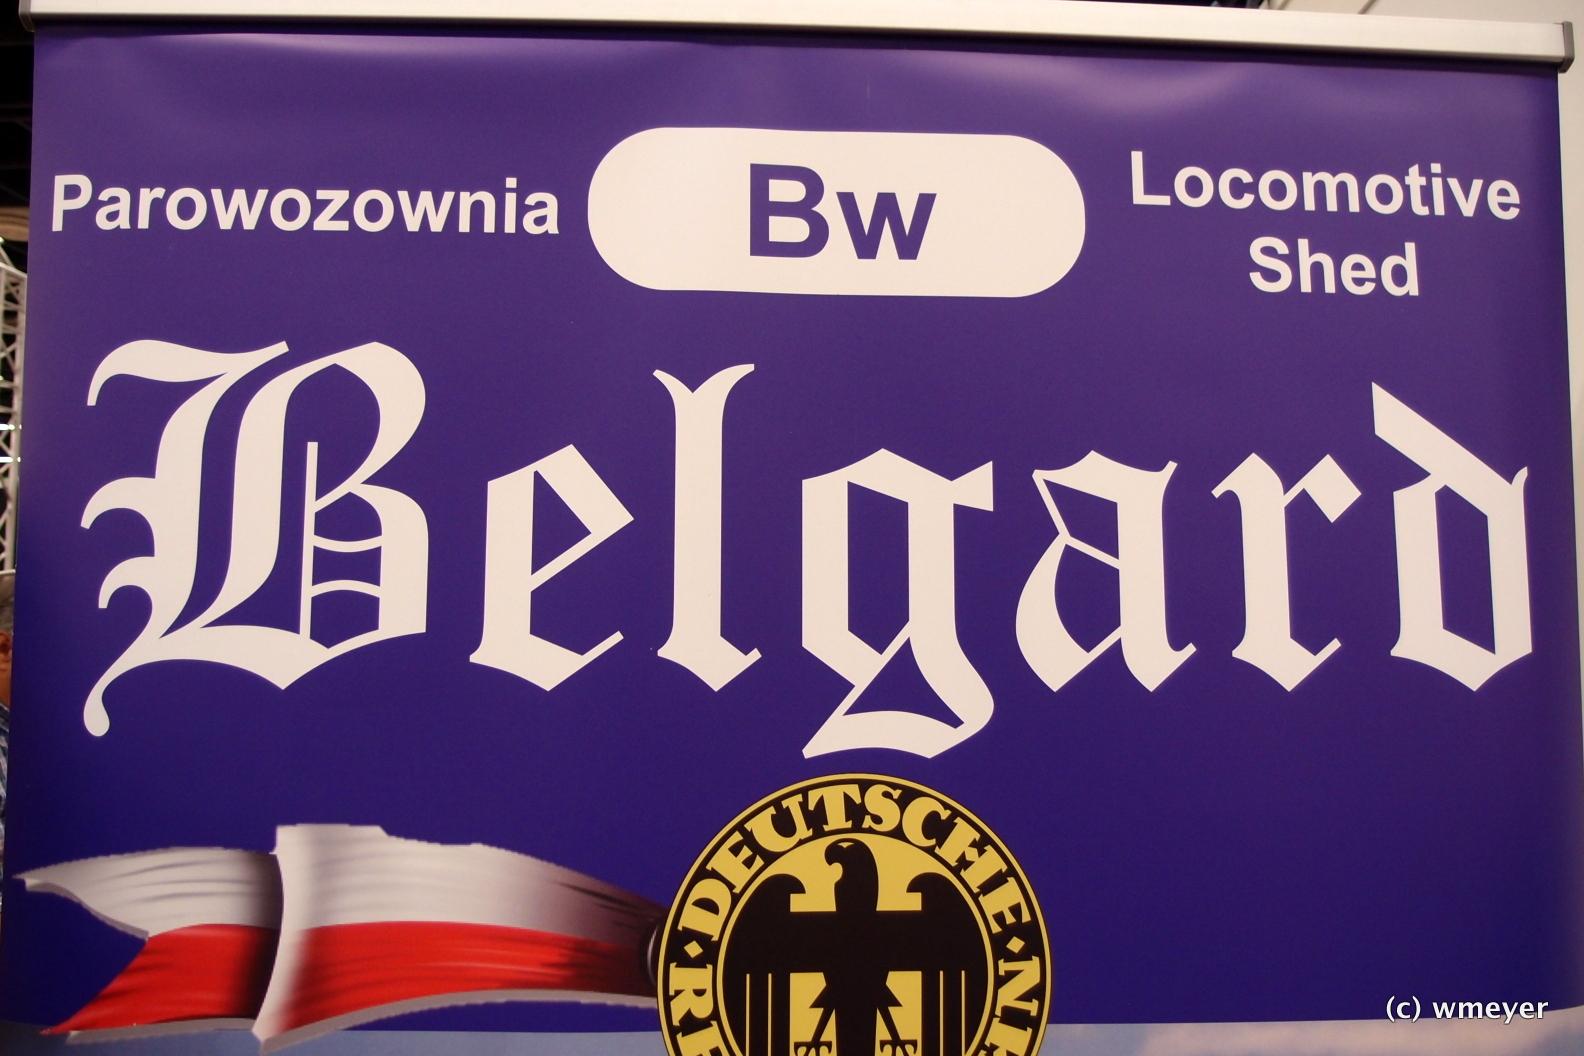 Polnisches Bw Belgard